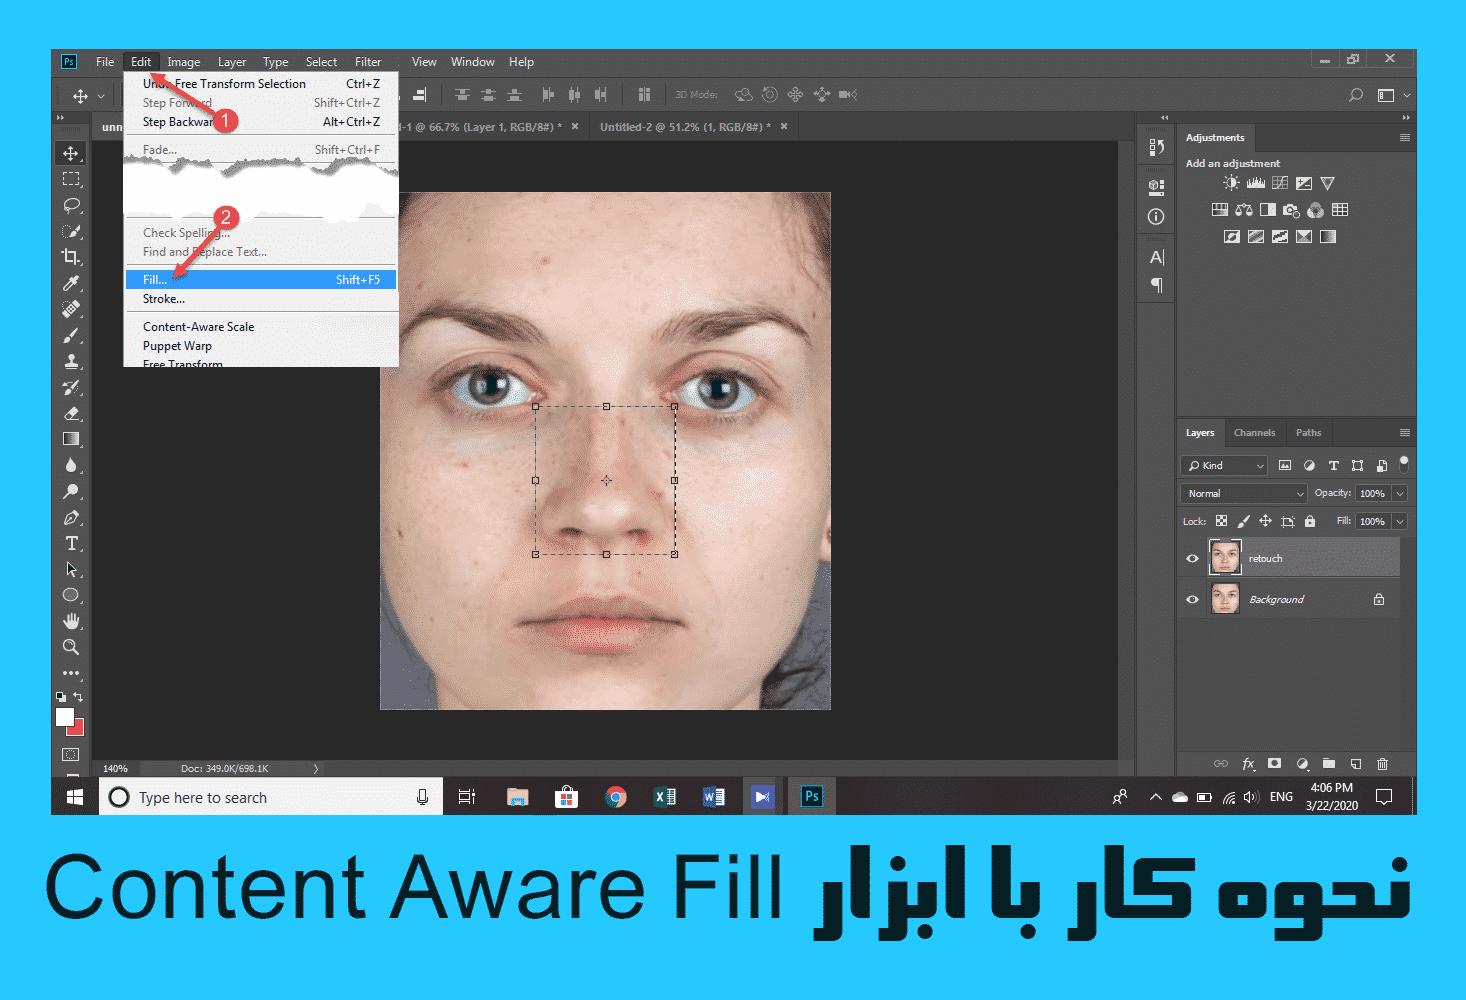 ابزار Content Aware Fill در روتوش عکس در فتوشاپ